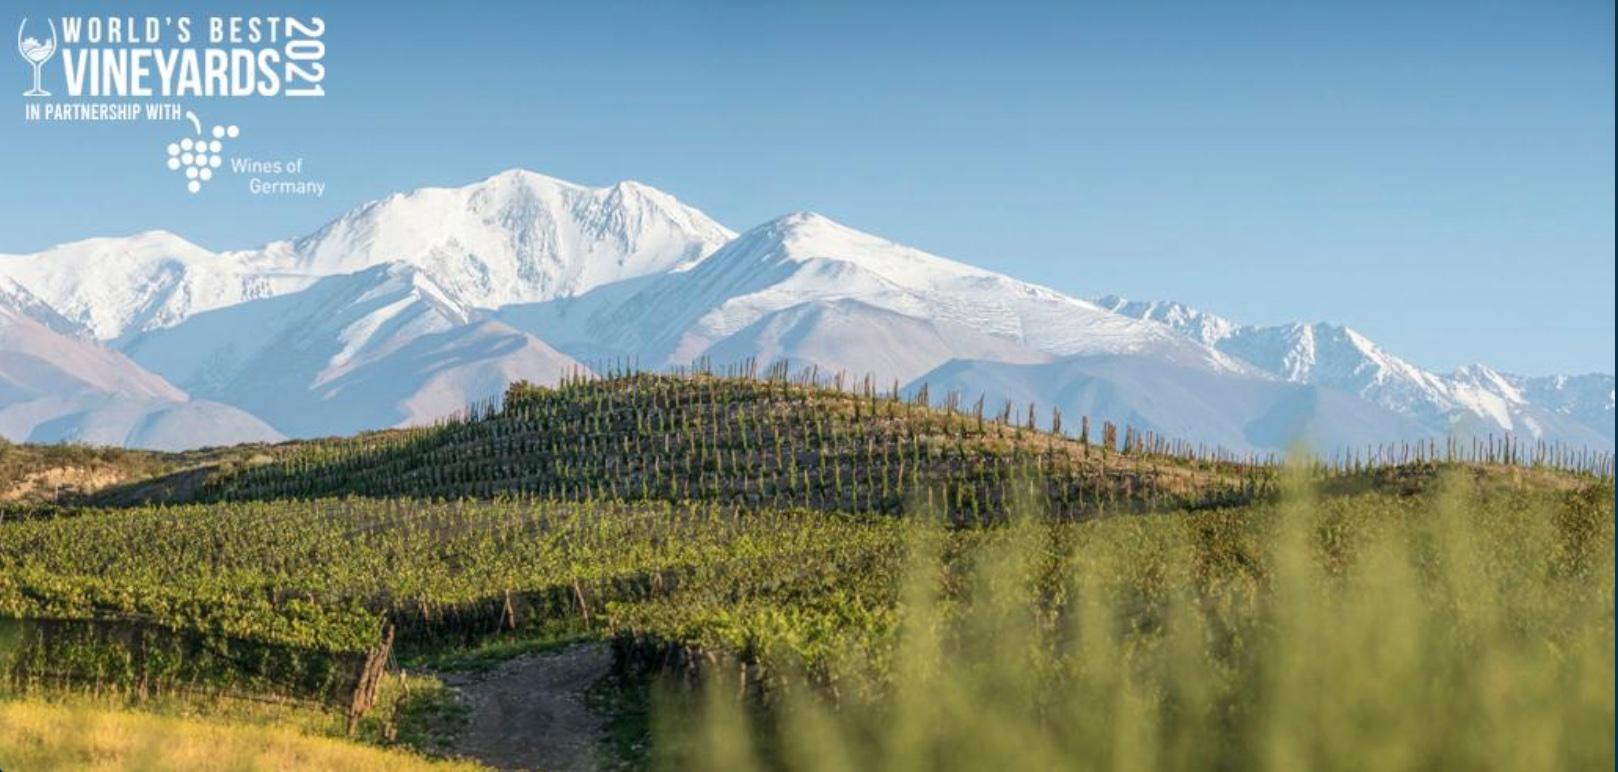 Worlds best vineyards – Argentina stikker av med seieren igjen